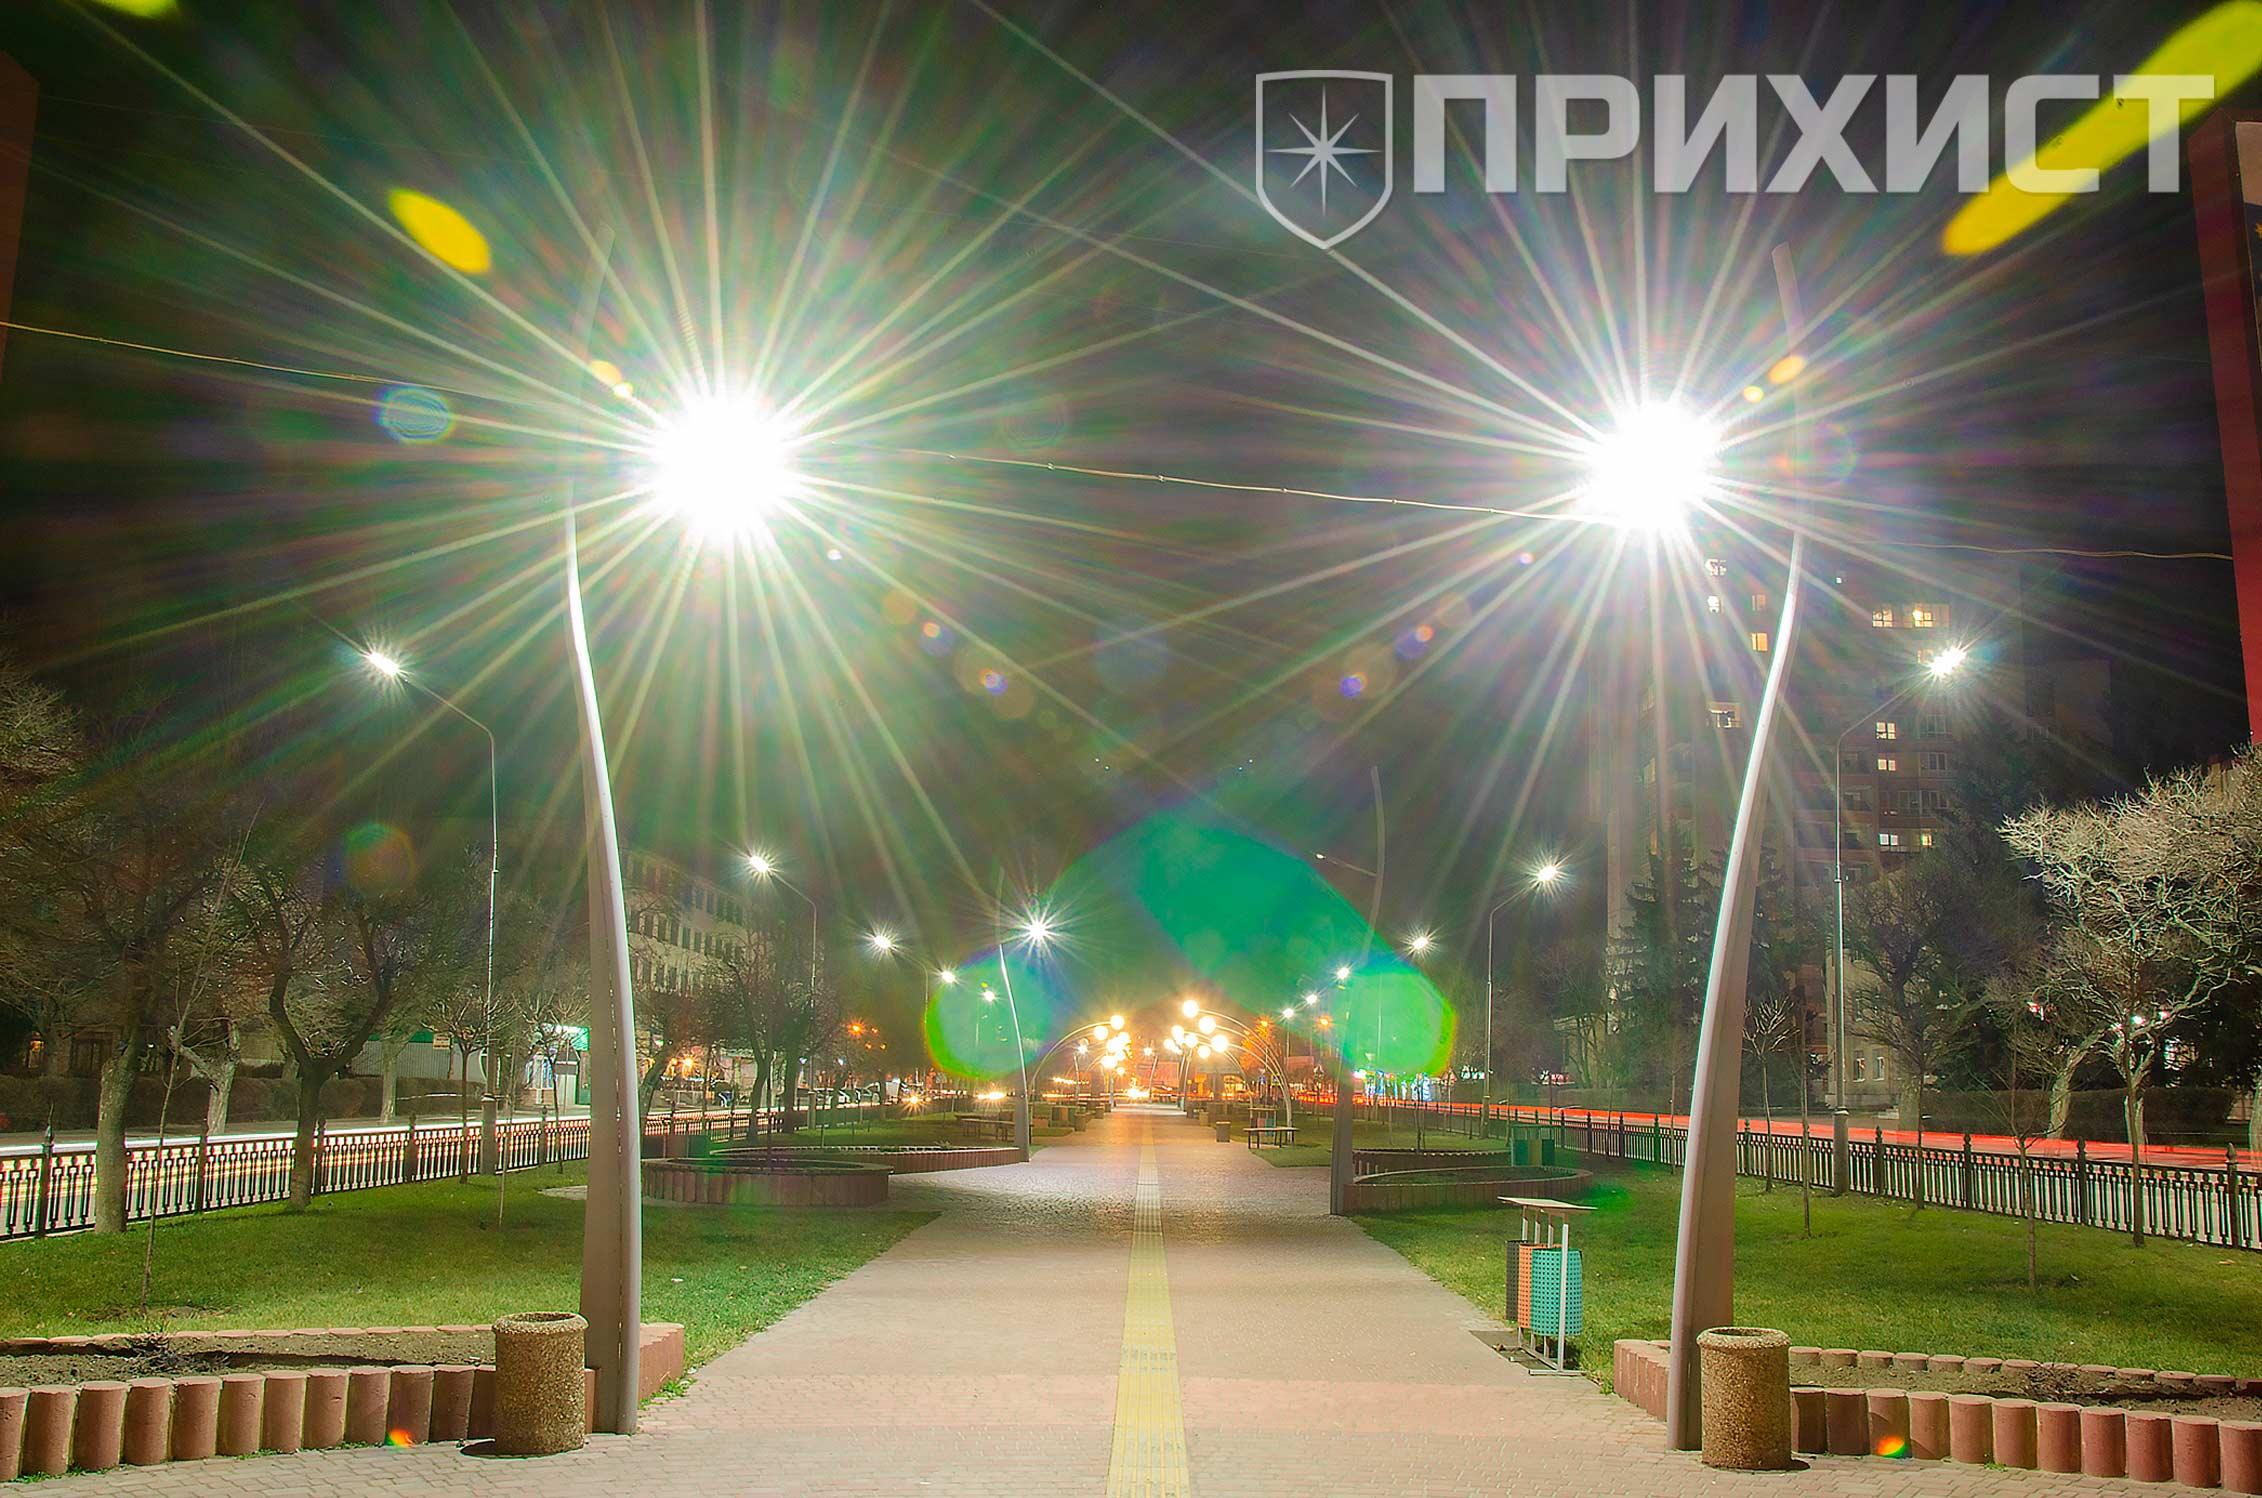 Ночной Никополь. Фото | Прихист